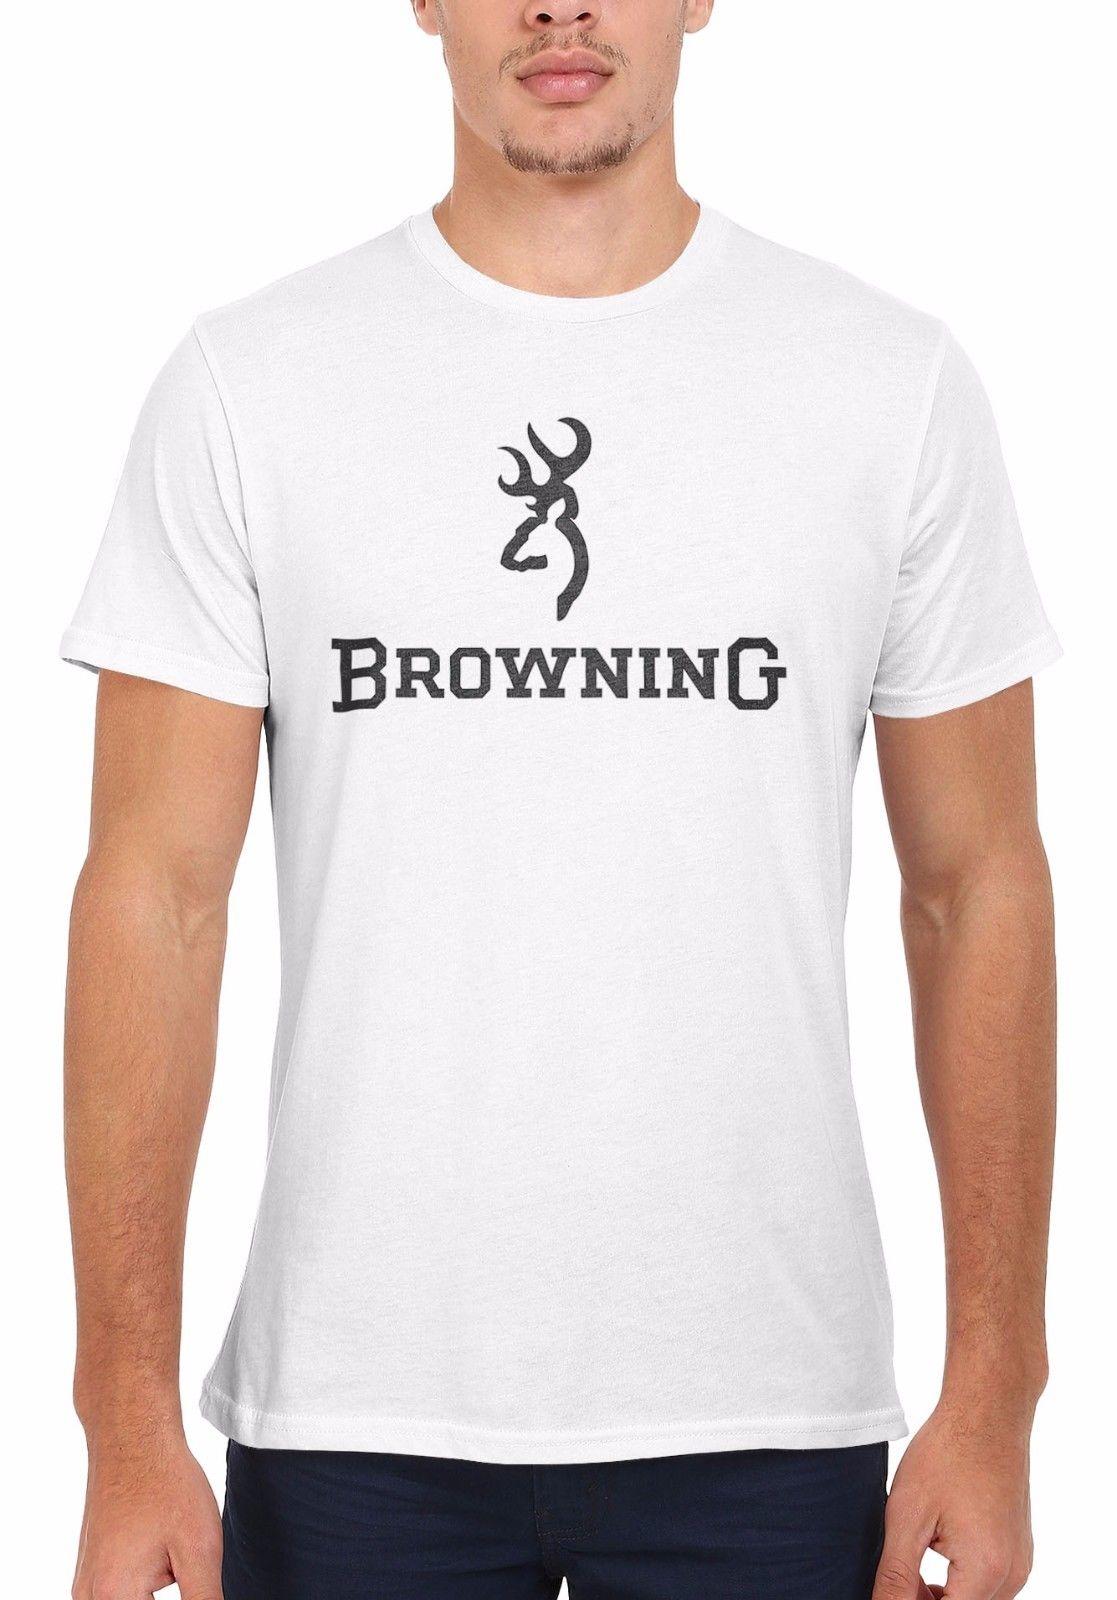 Browninger выстрел huntinger Для мужчин Для женщин жилет унисекс футболка 1764